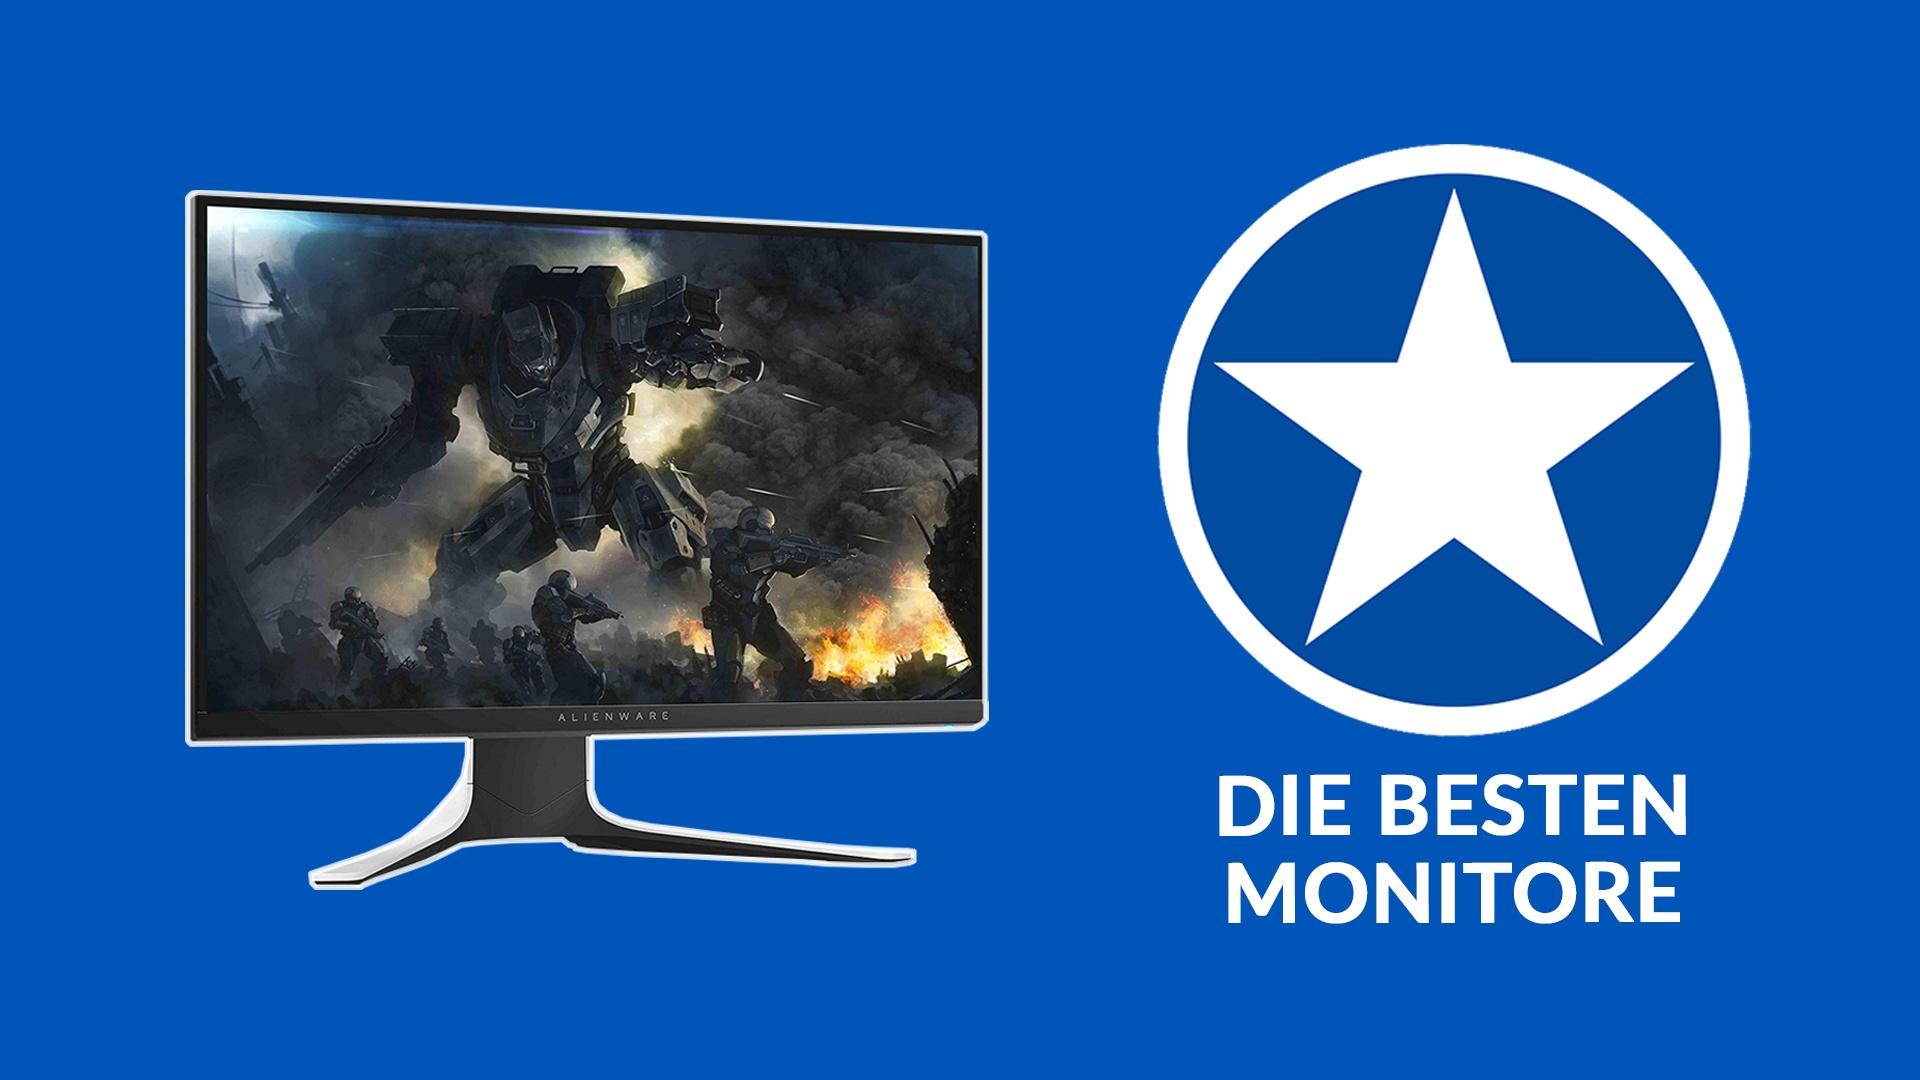 Die besten Gaming-Monitore im Vergleich - Full HD, WQHD und 4K